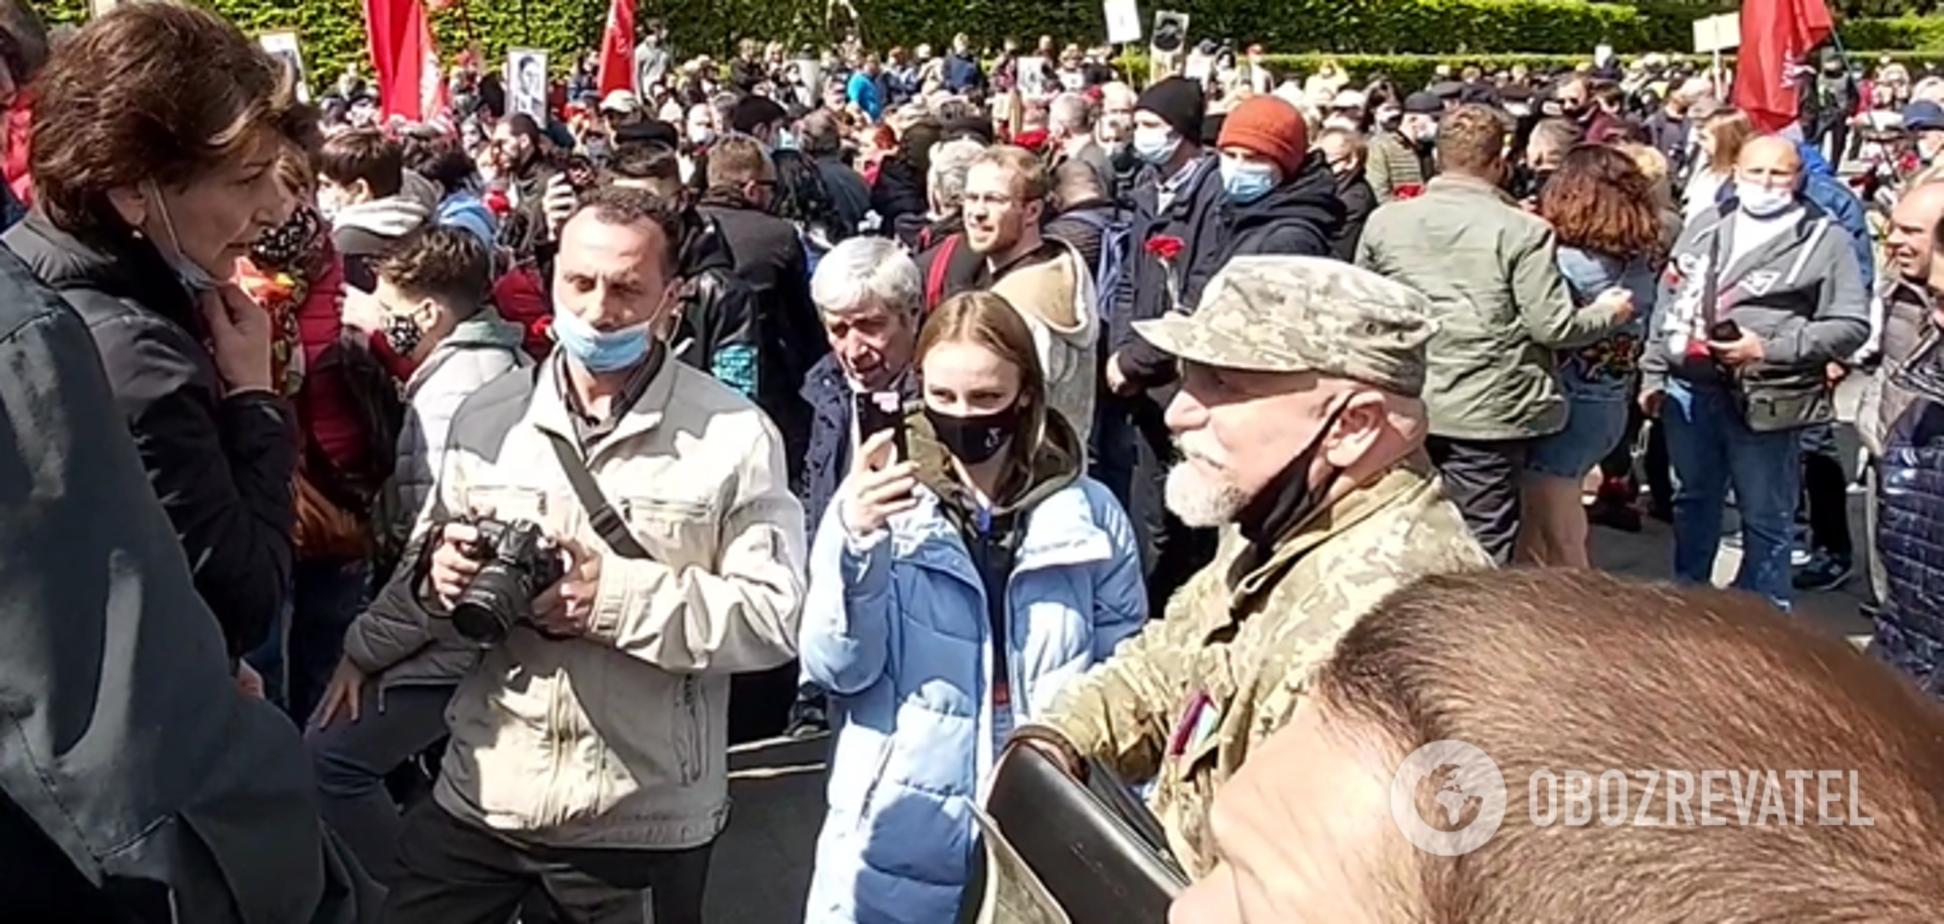 В Киеве сторонники коммунистов набросились на ветерана АТО у Вечного огня. Видео